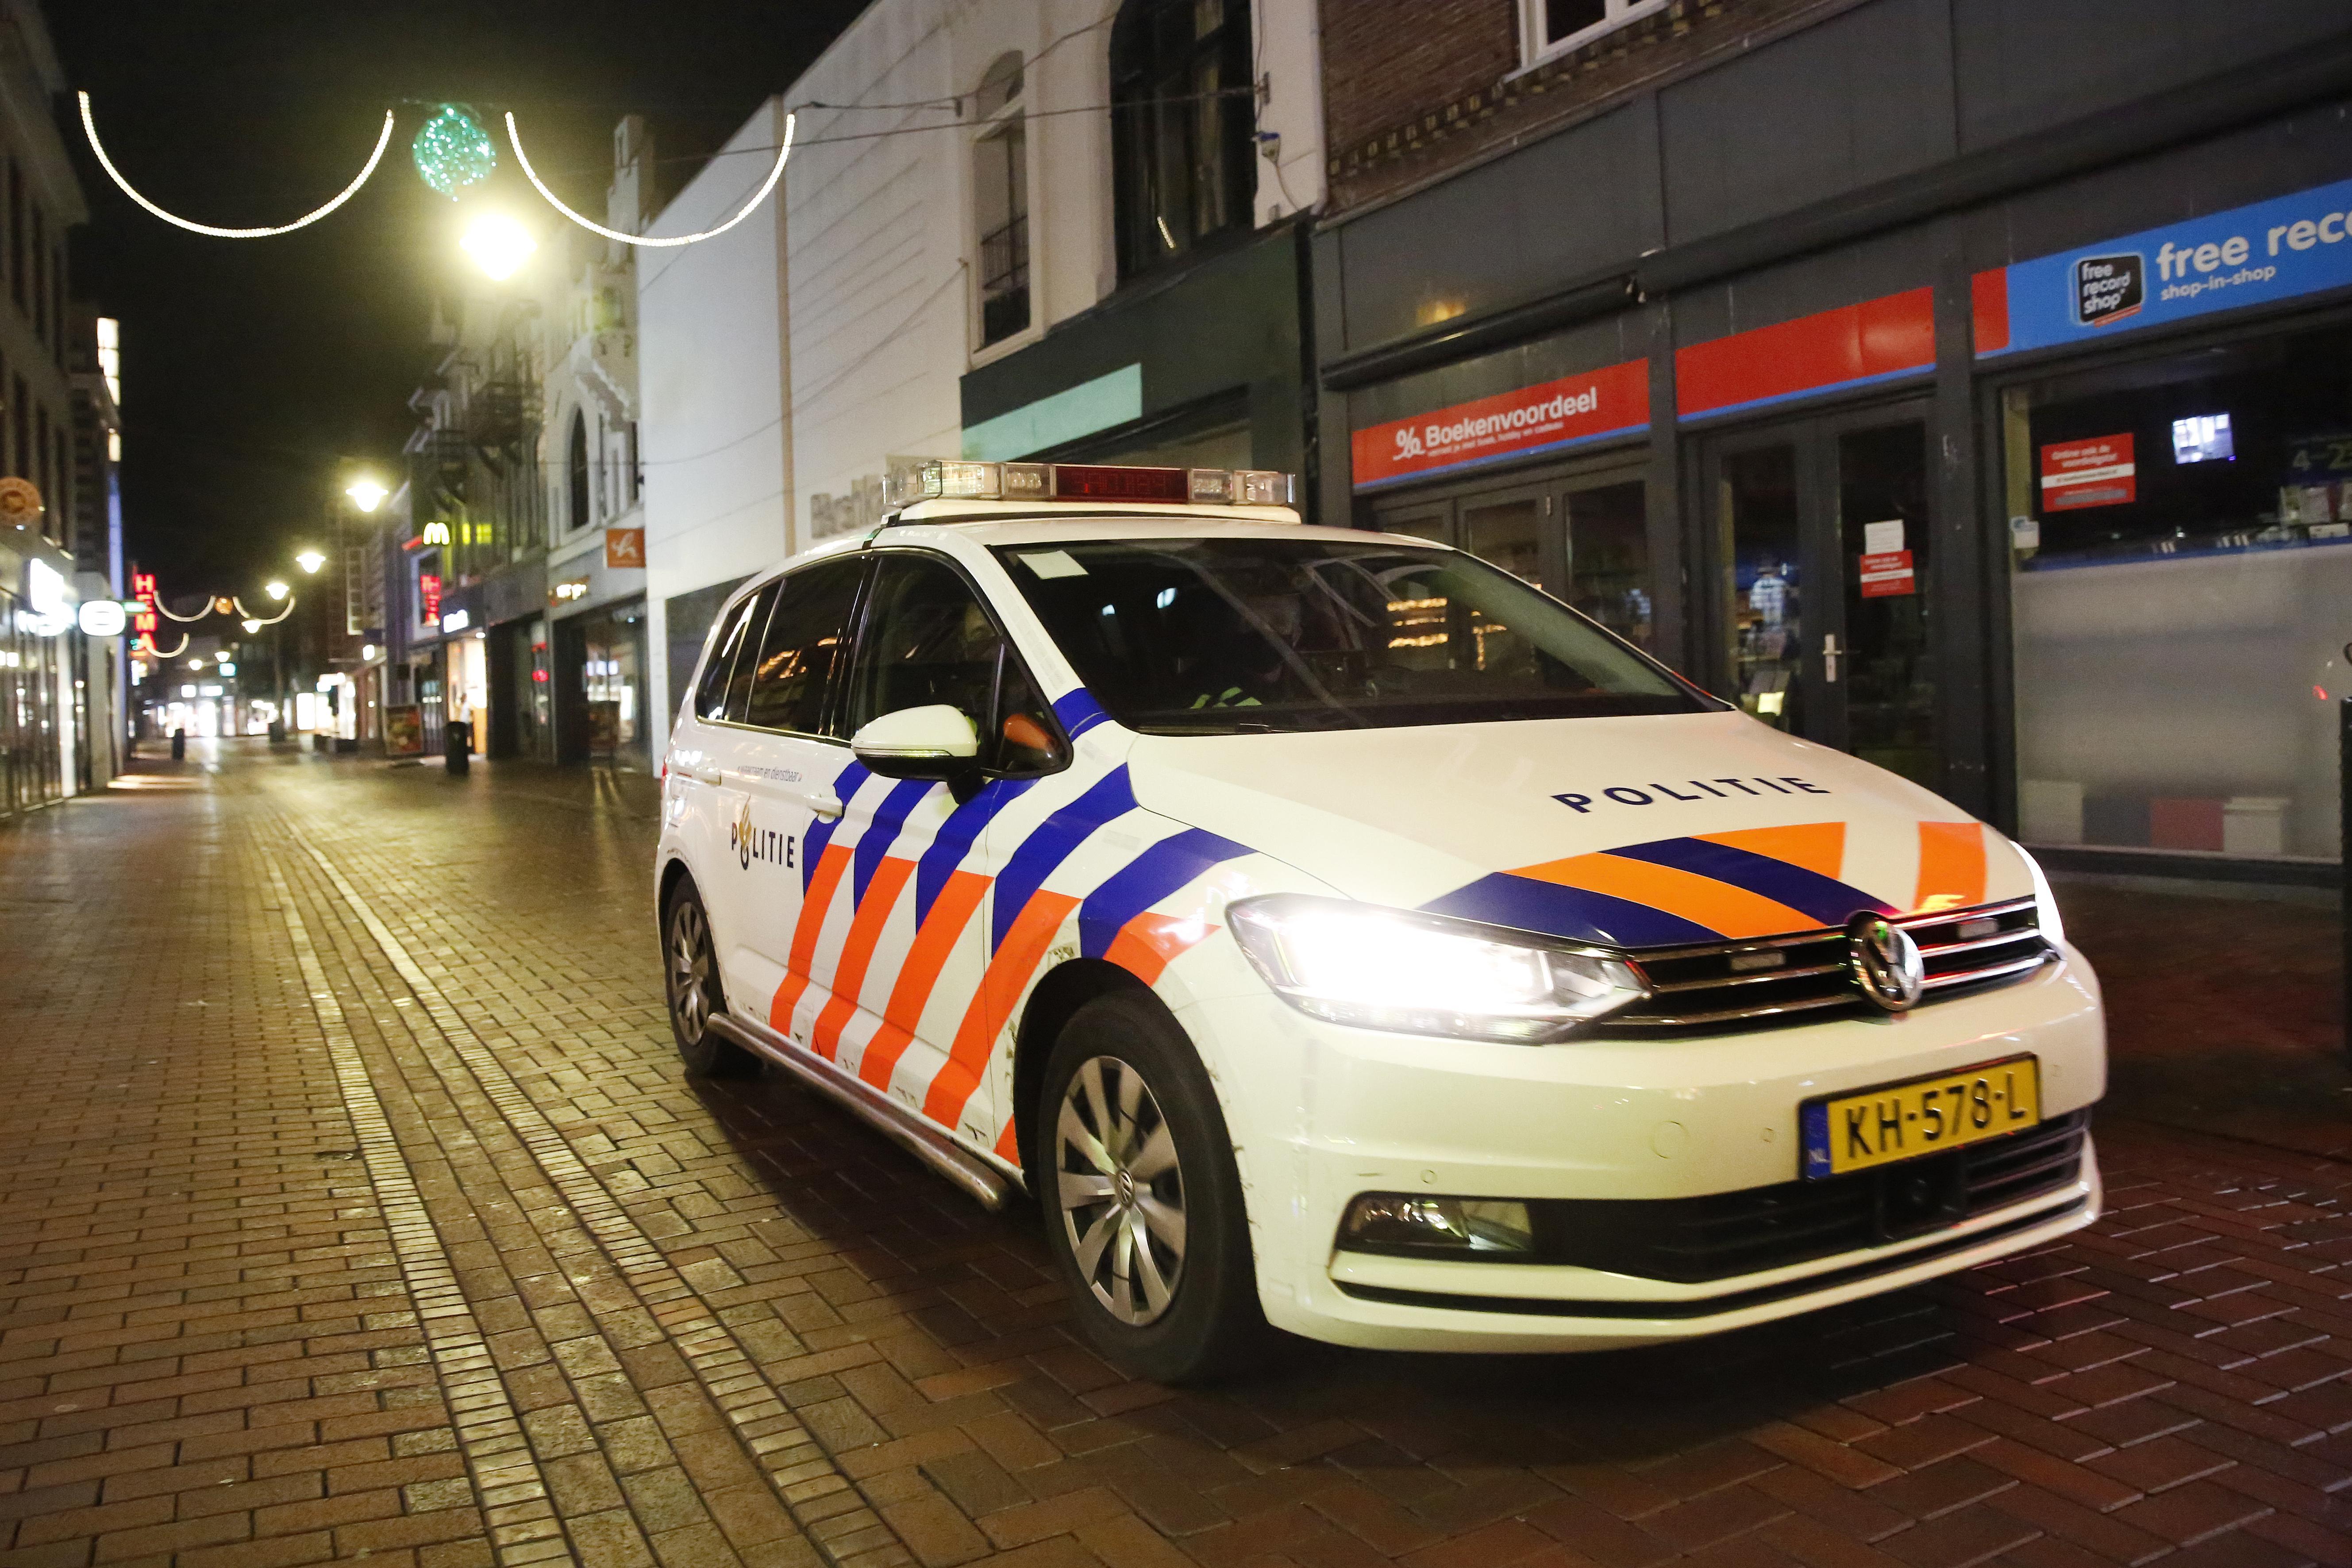 Burgemeester Broertjes is waakzaam na rellen in het land tijdens de avondklok. 'Ongelooflijk wat er gebeurt. In Hilversum is het gelukkig rustig'